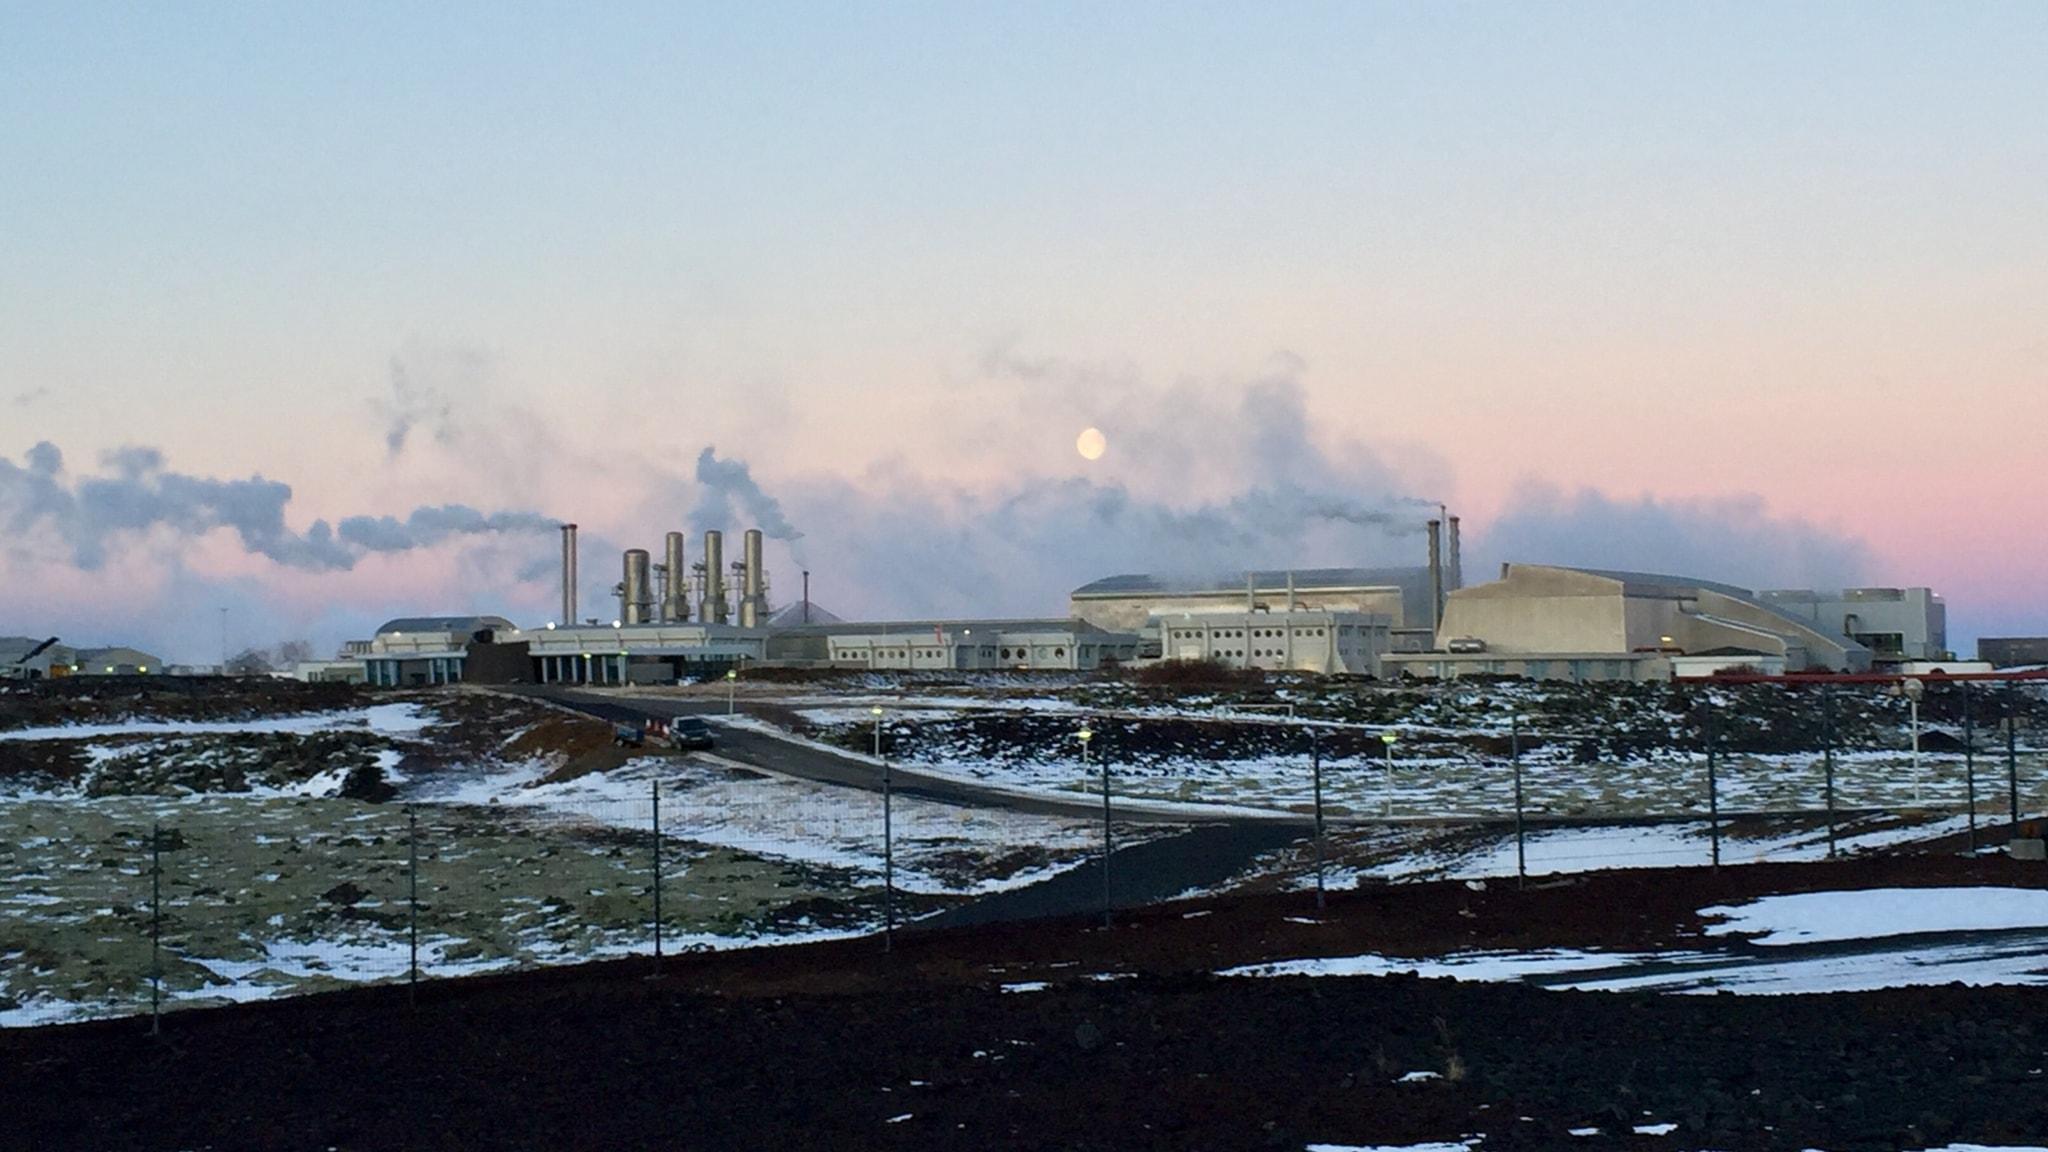 Ett kraftverk med många skorstenar.